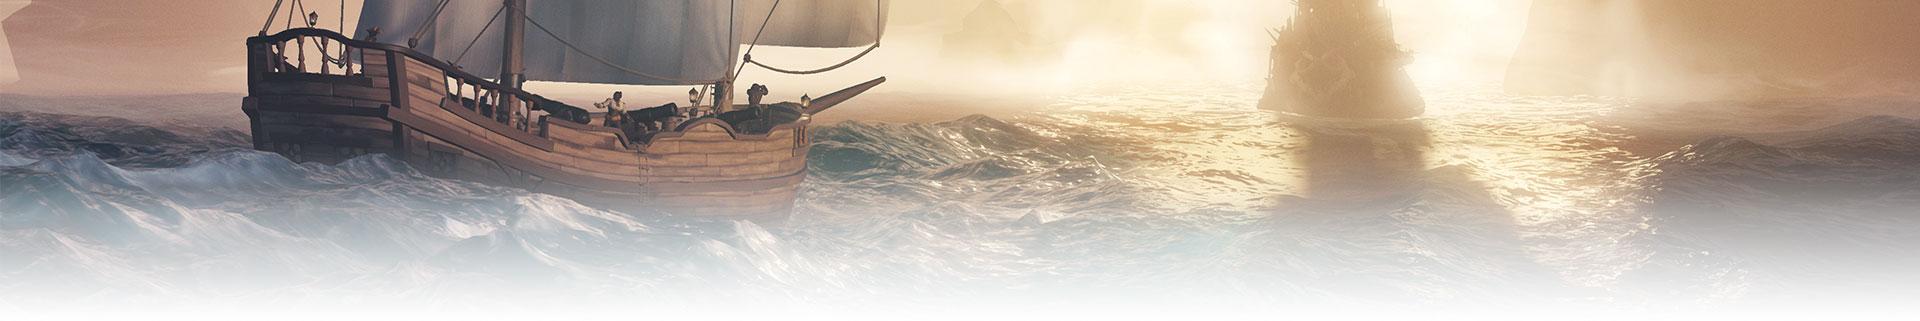 Achteraanzicht van twee schepen die wegdrijven in de achtergrond